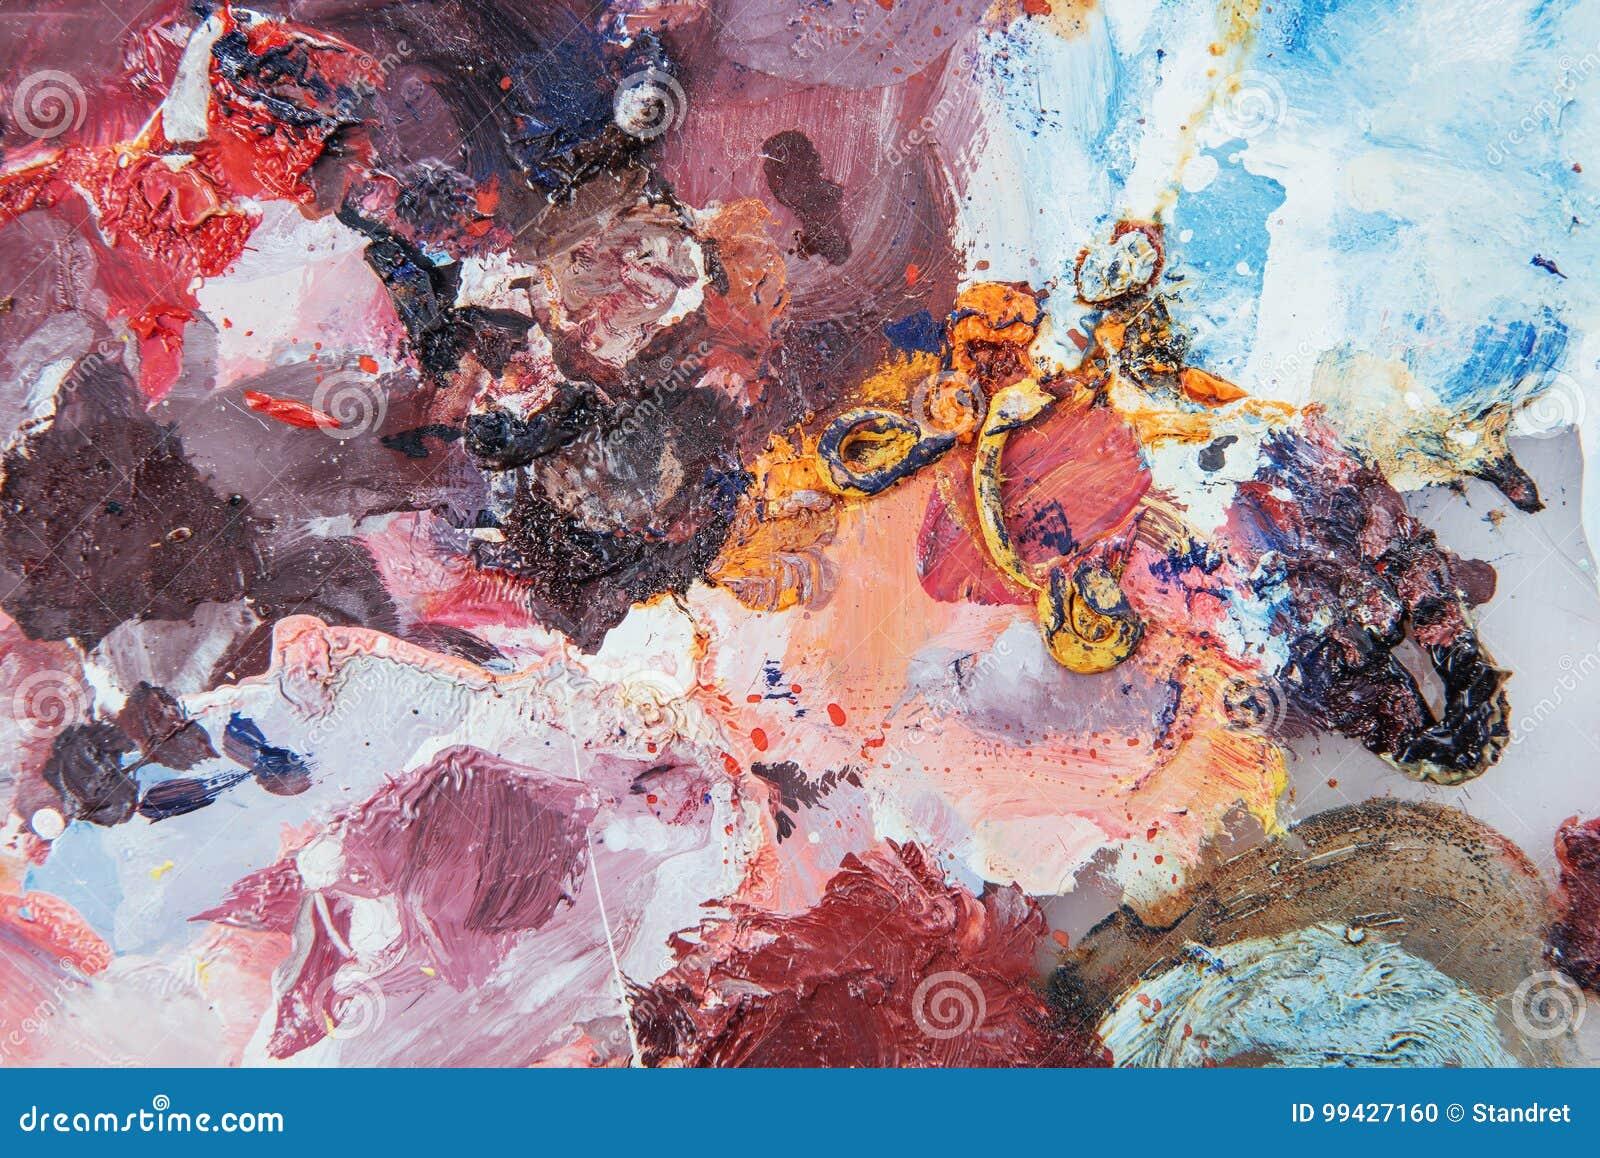 Hintergrund der abstrakten Kunst Ölgemälde auf Segeltuch Mehrfarbige helle Beschaffenheit Fragment der Grafik Stellen der Ölfarbe